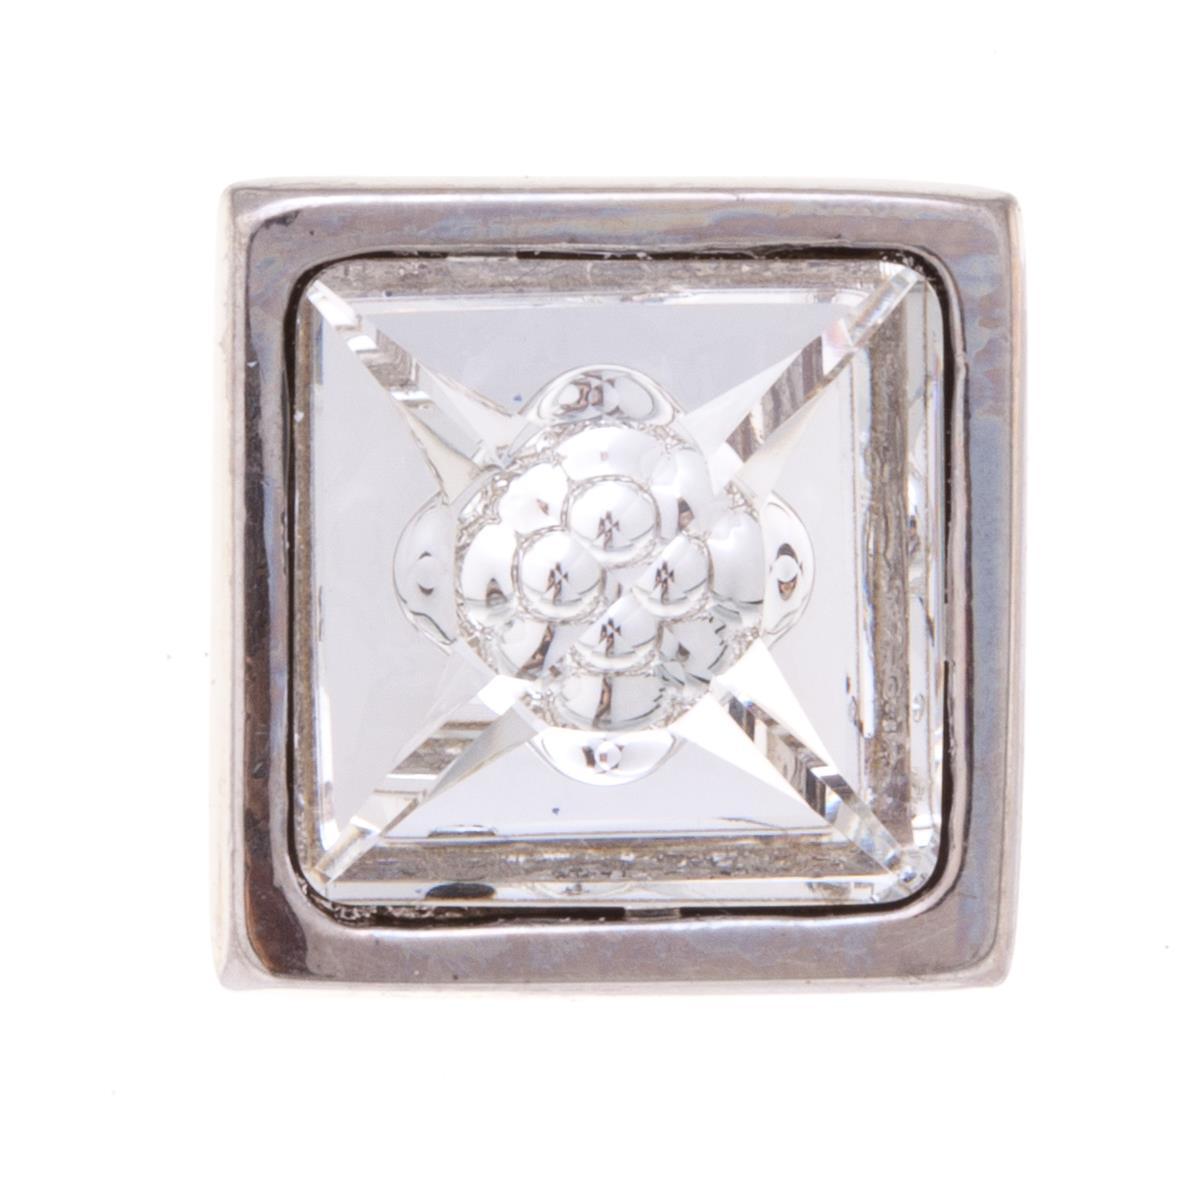 Накладка на кольцо-основу Jenavi Коллекция Ротор Вис, цвет: серебряный, белый. k195fr00. Размер 1,7/1,7k195fr00Коллекция Ротор, Вис (Накладка,которая одевается на кольцо основу) гипоаллергенный ювелирный сплав,Серебрение c род. , вставка Кристаллы Swarovski , цвет - серебряный, белый избегать взаимодействия с водой и химическими средствами